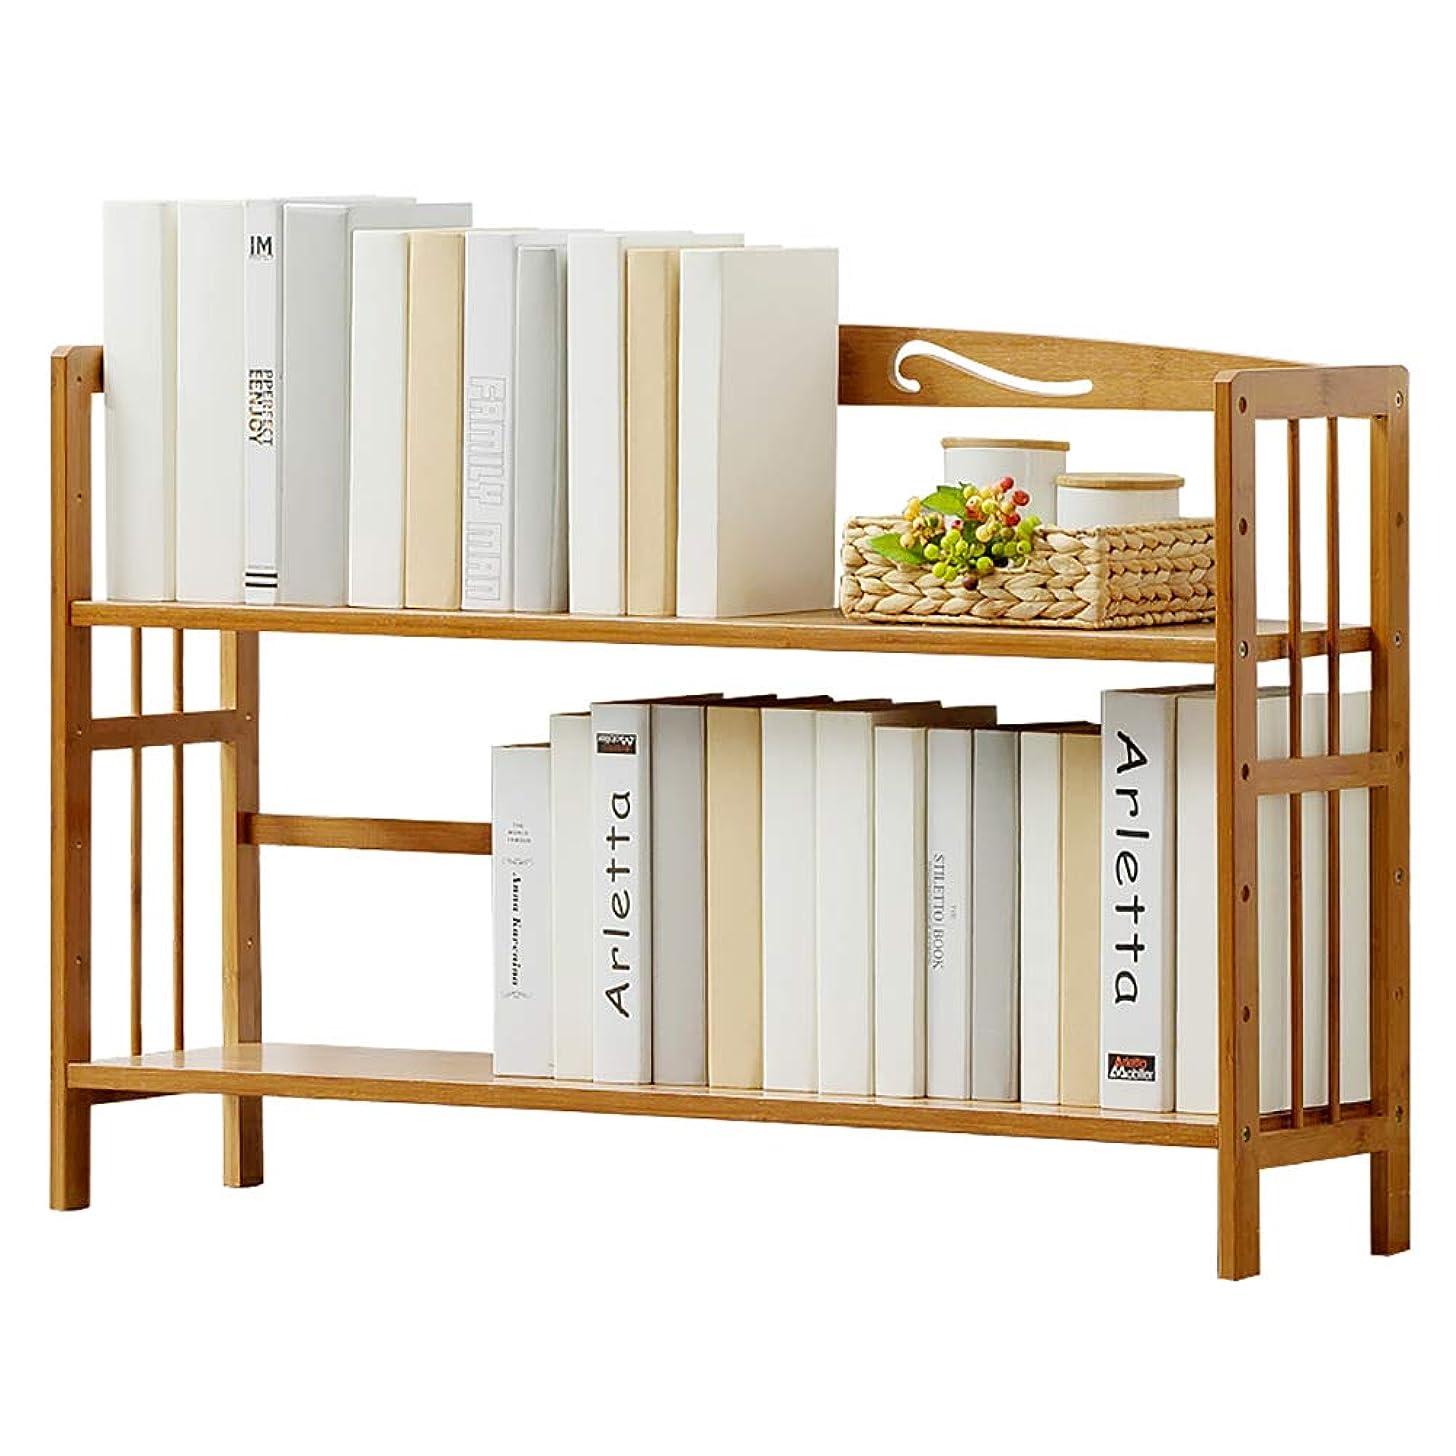 確執経験的頭蓋骨2 層 竹 テーブル 書棚,ストレージオーガナイザー な 床立つ 容易な組み立て シェルフ ユニット 多目的 自宅やオフィスの-D 90x25x60cm(35x10x24inch)